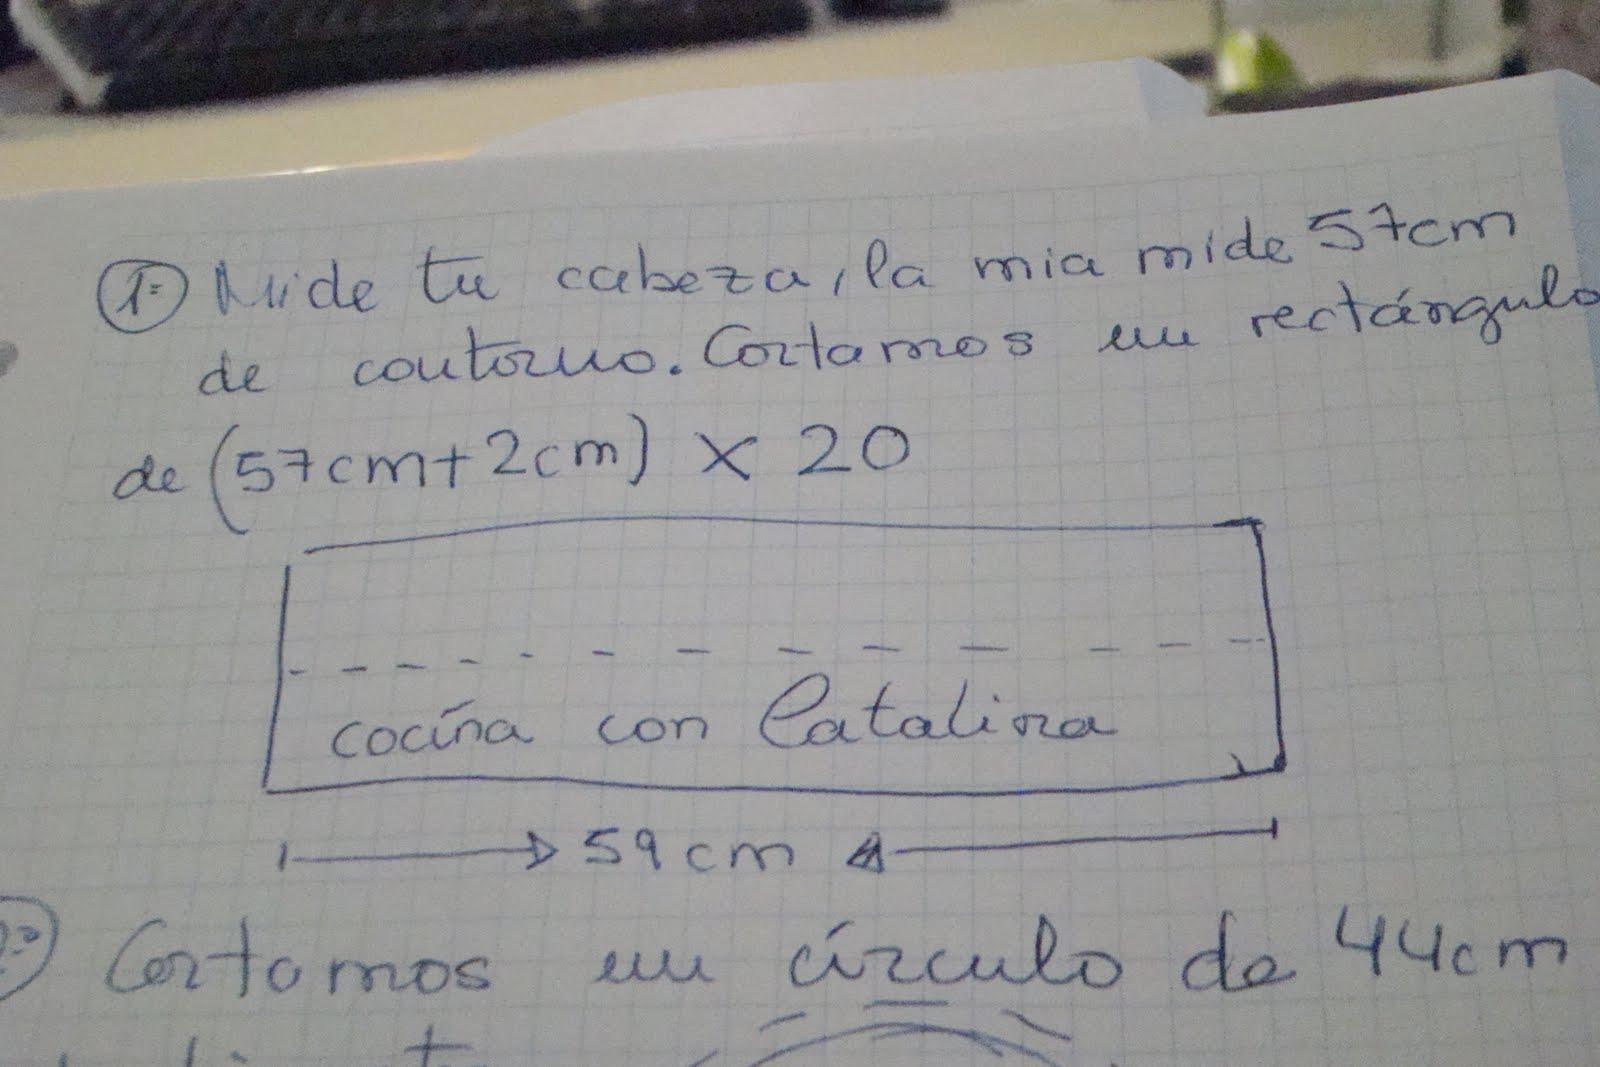 And Sewing: GoRRo de Cocinero paso a paso